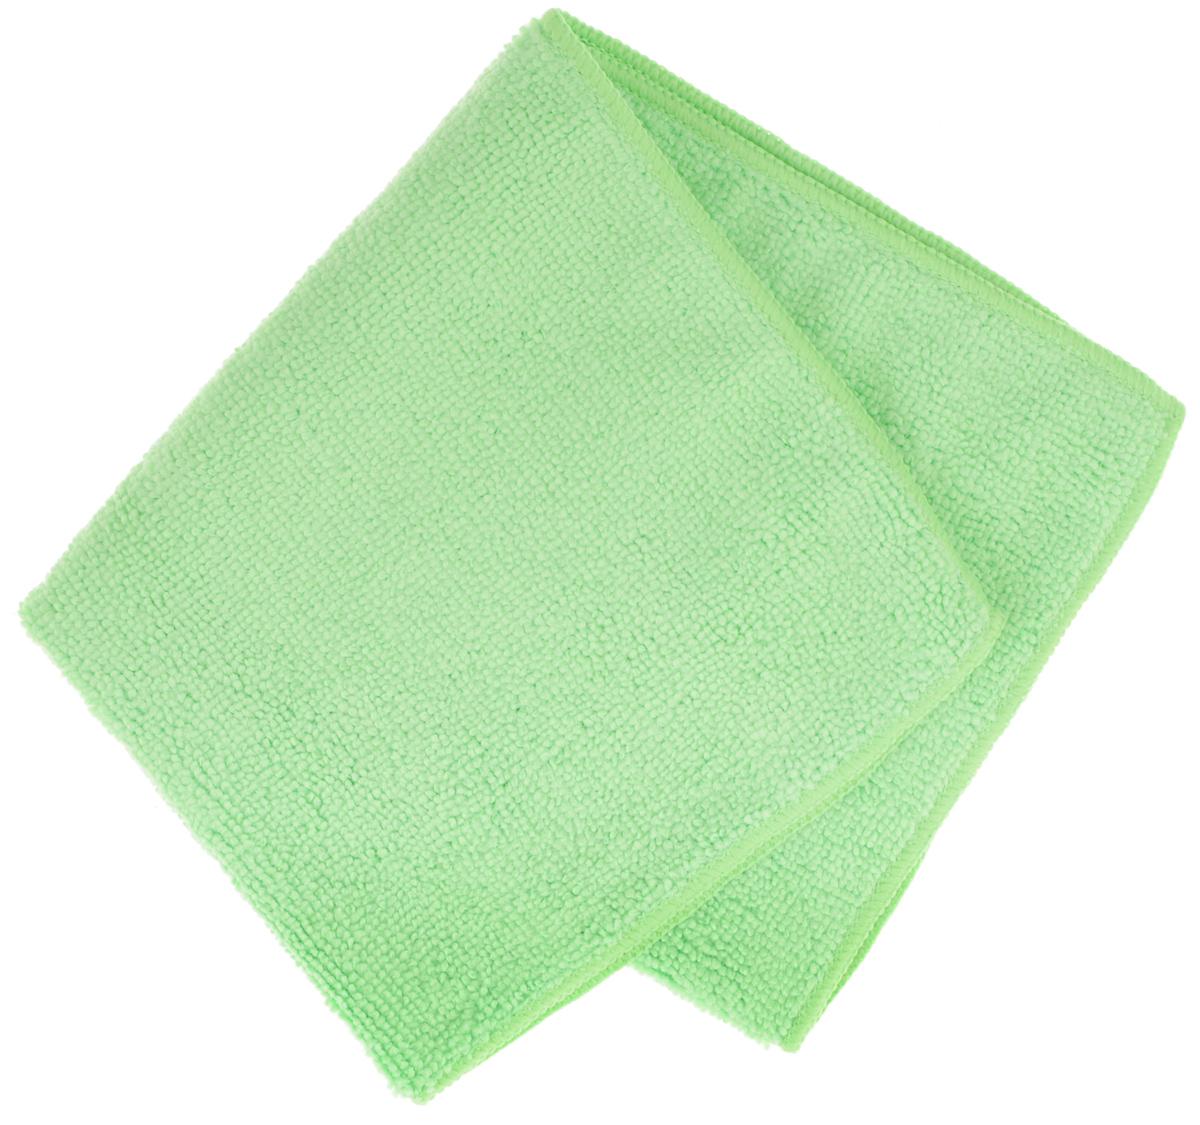 Салфетка для уборки Sol из микрофибры, цвет: зеленый, 30 x 30 см10007/10052Салфетка Soll выполнена из микрофибры. Микрофибра - это ткань из тонких микроволокон, которая эффективно очищает поверхности благодаря капиллярному эффекту между ними. Такая салфетка может использоваться как для сухой, так и для влажной уборки. Деликатно очищает любые поверхности не оставляя следов и разводов. Идеально подходит для протирки полированной мебели.Рекомендации по применению и уходу: Для обеспечения гигиеничности рекомендуется прополаскивать салфетку после каждого применения с моющим средством. Для сохранения мягкости не рекомендуется сушить вблизи отопительных приборов и на батареях. Нельзя стирать с отбеливающими средствами, кипятить и гладить.